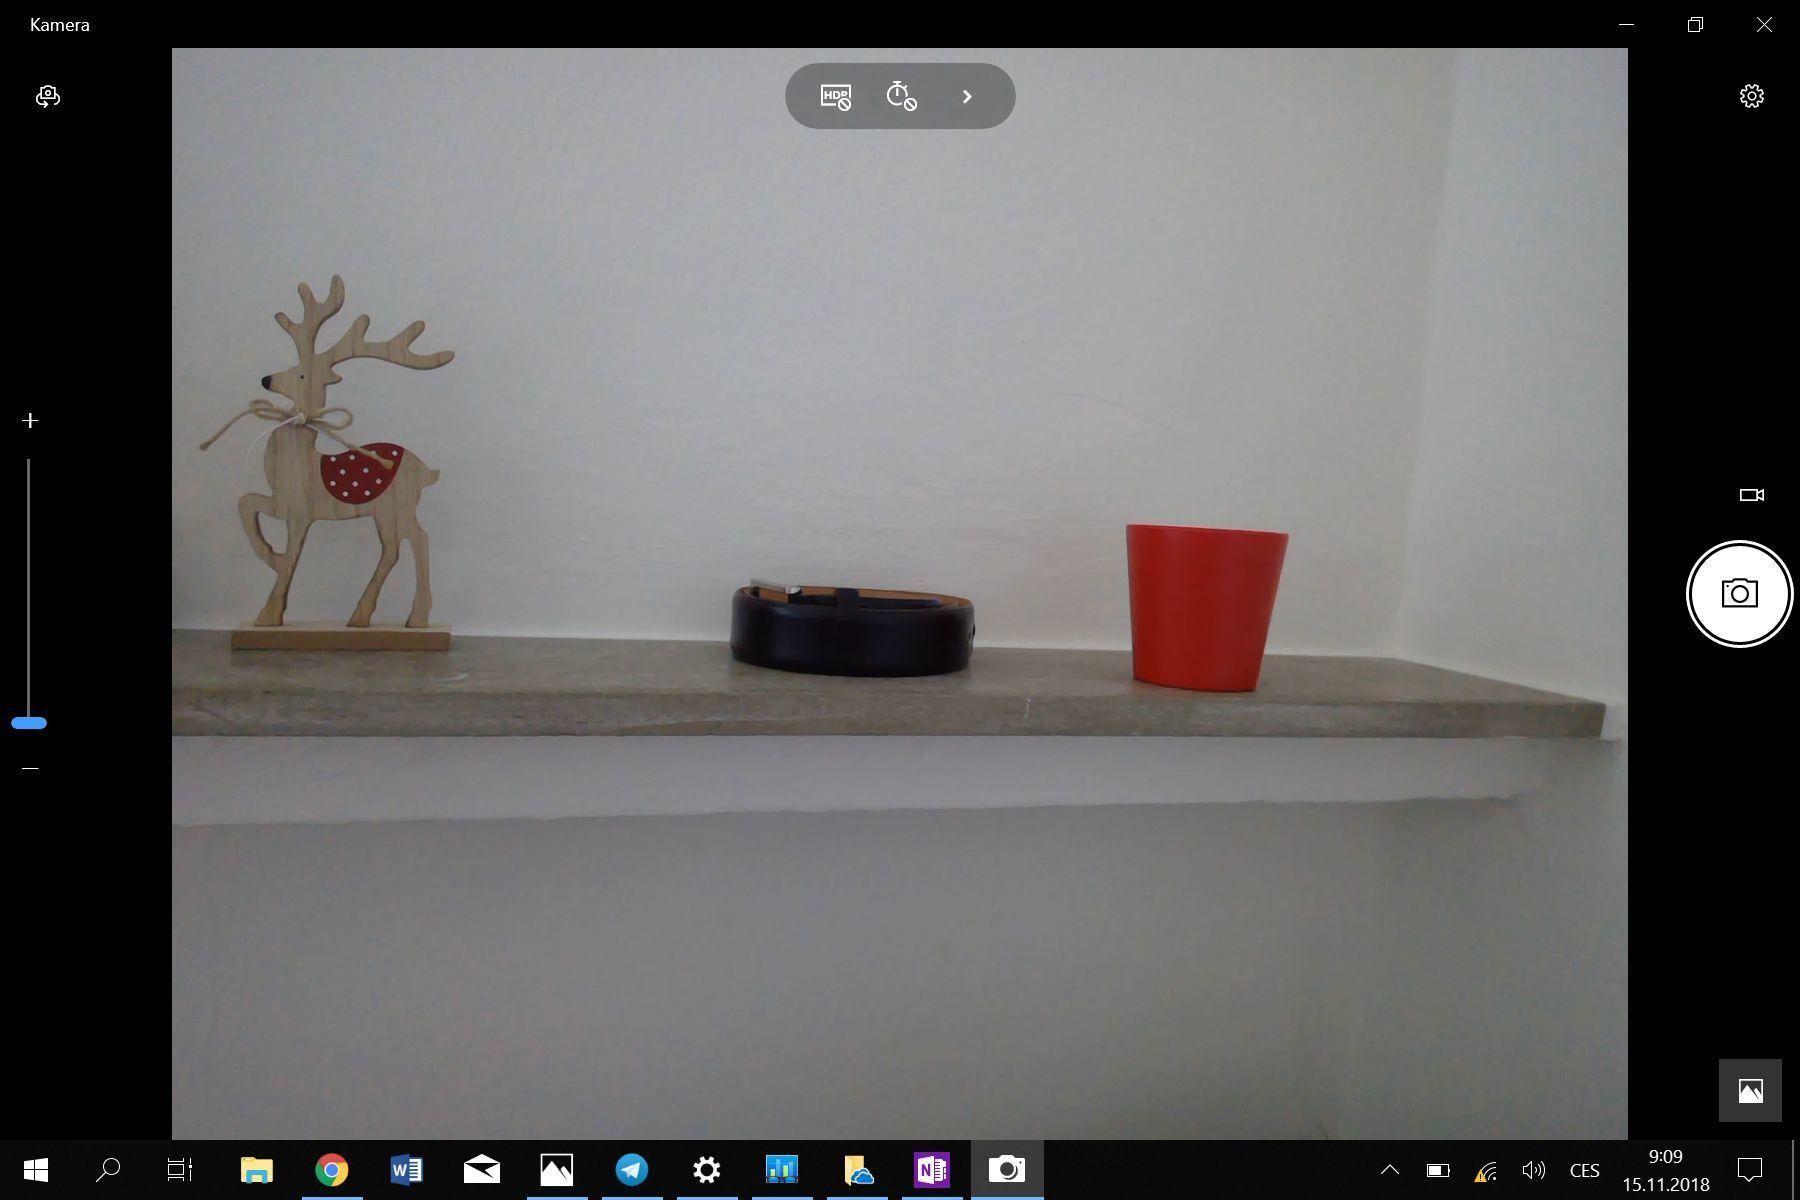 Microsoft Surface Go prostředí fotoaparátu